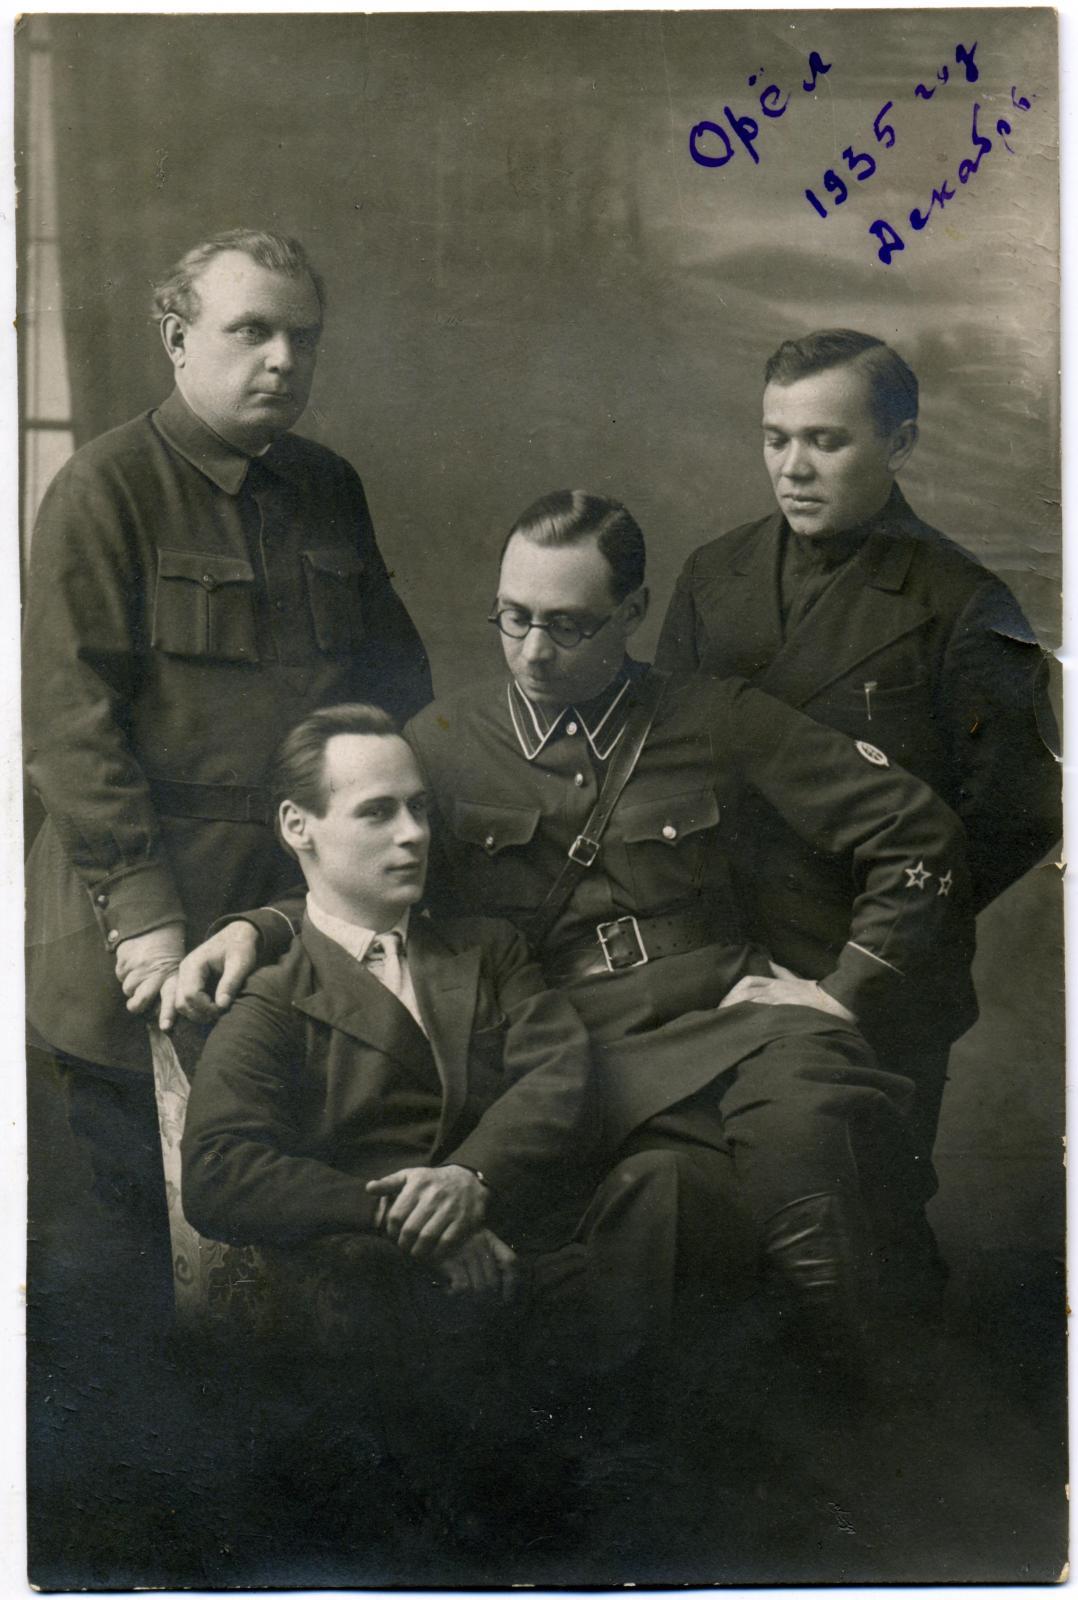 1935. Старший лейтенант государственной безопасности и группа товарищей в штатском. г. Орел, декабрь